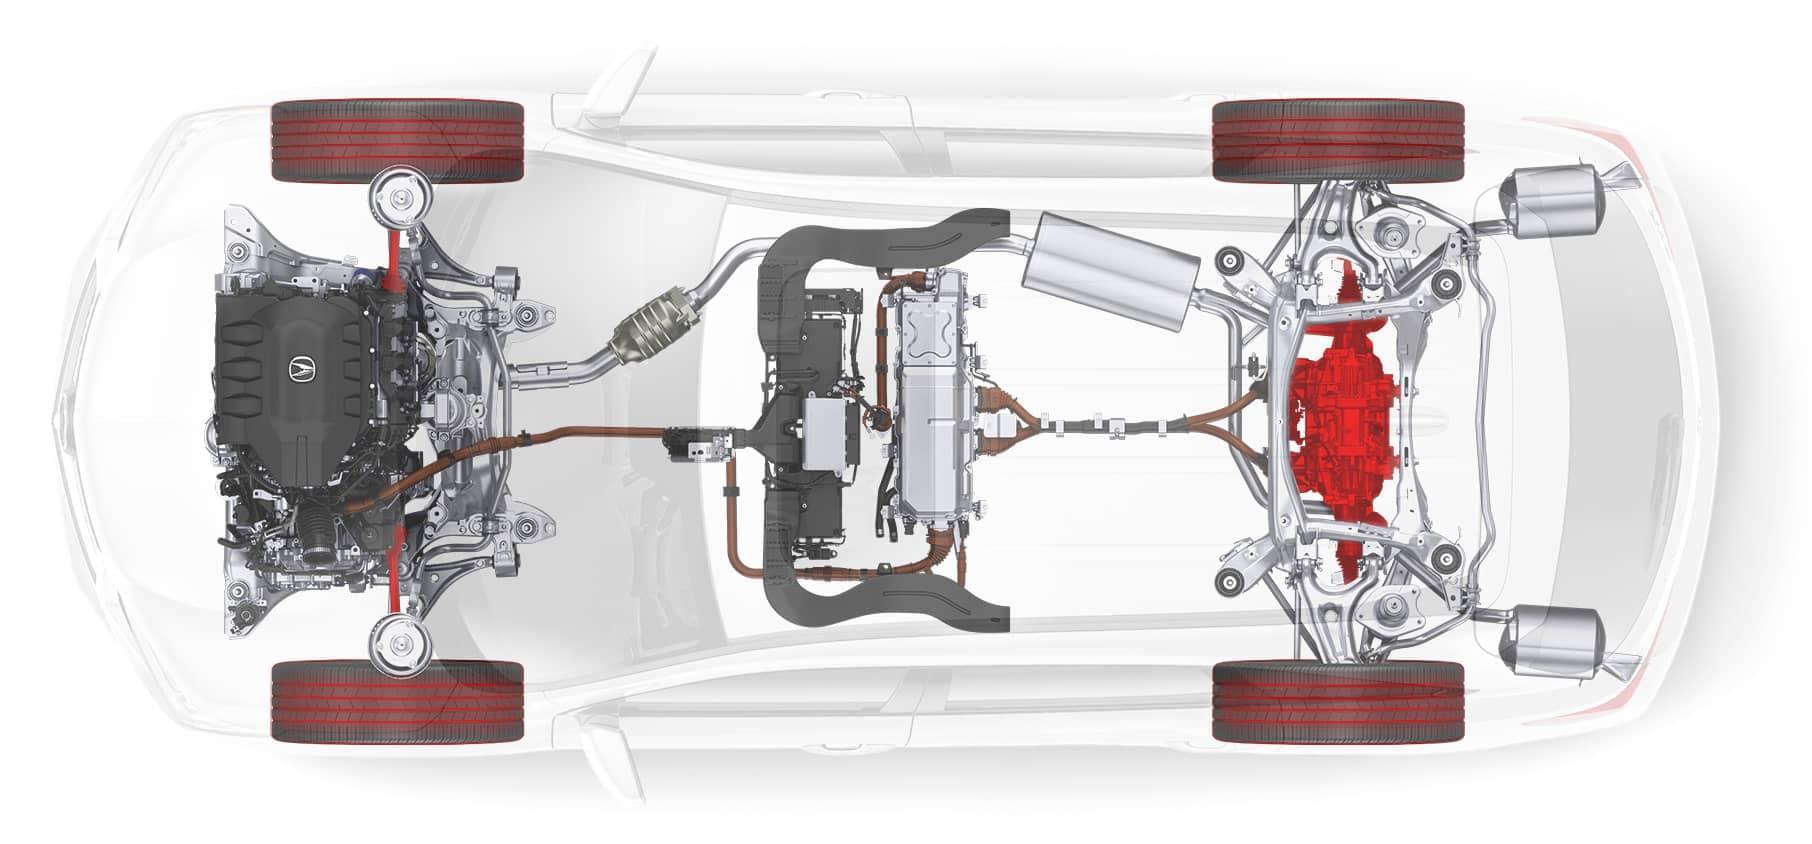 2018 Acura MDX Sport Hybrid Powertrain Details